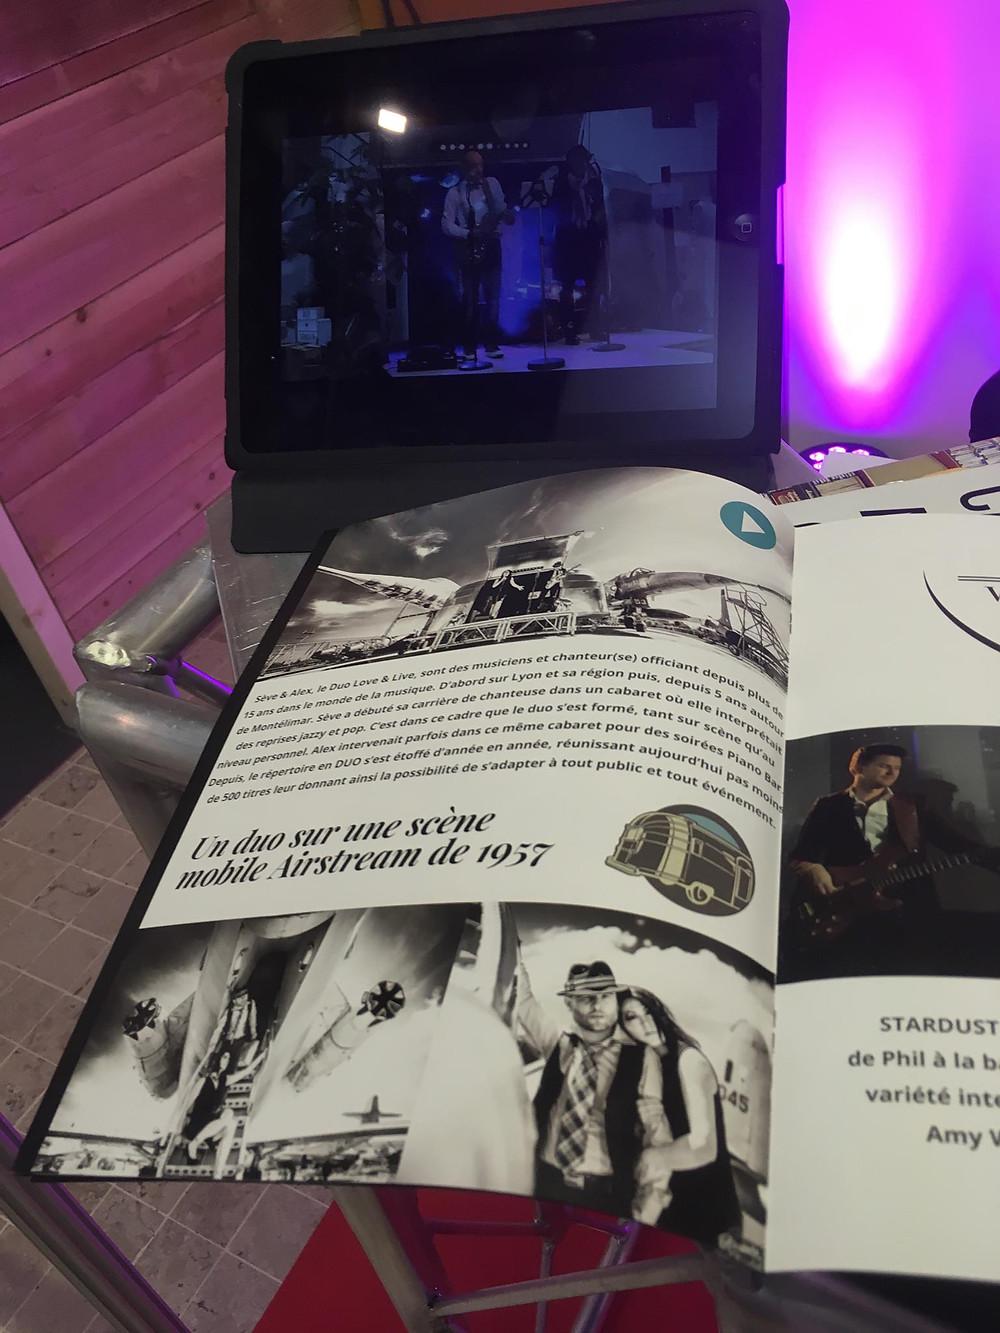 Concert promotionnel pour beforlive pour les événements professionnels business au SBE de Lyon